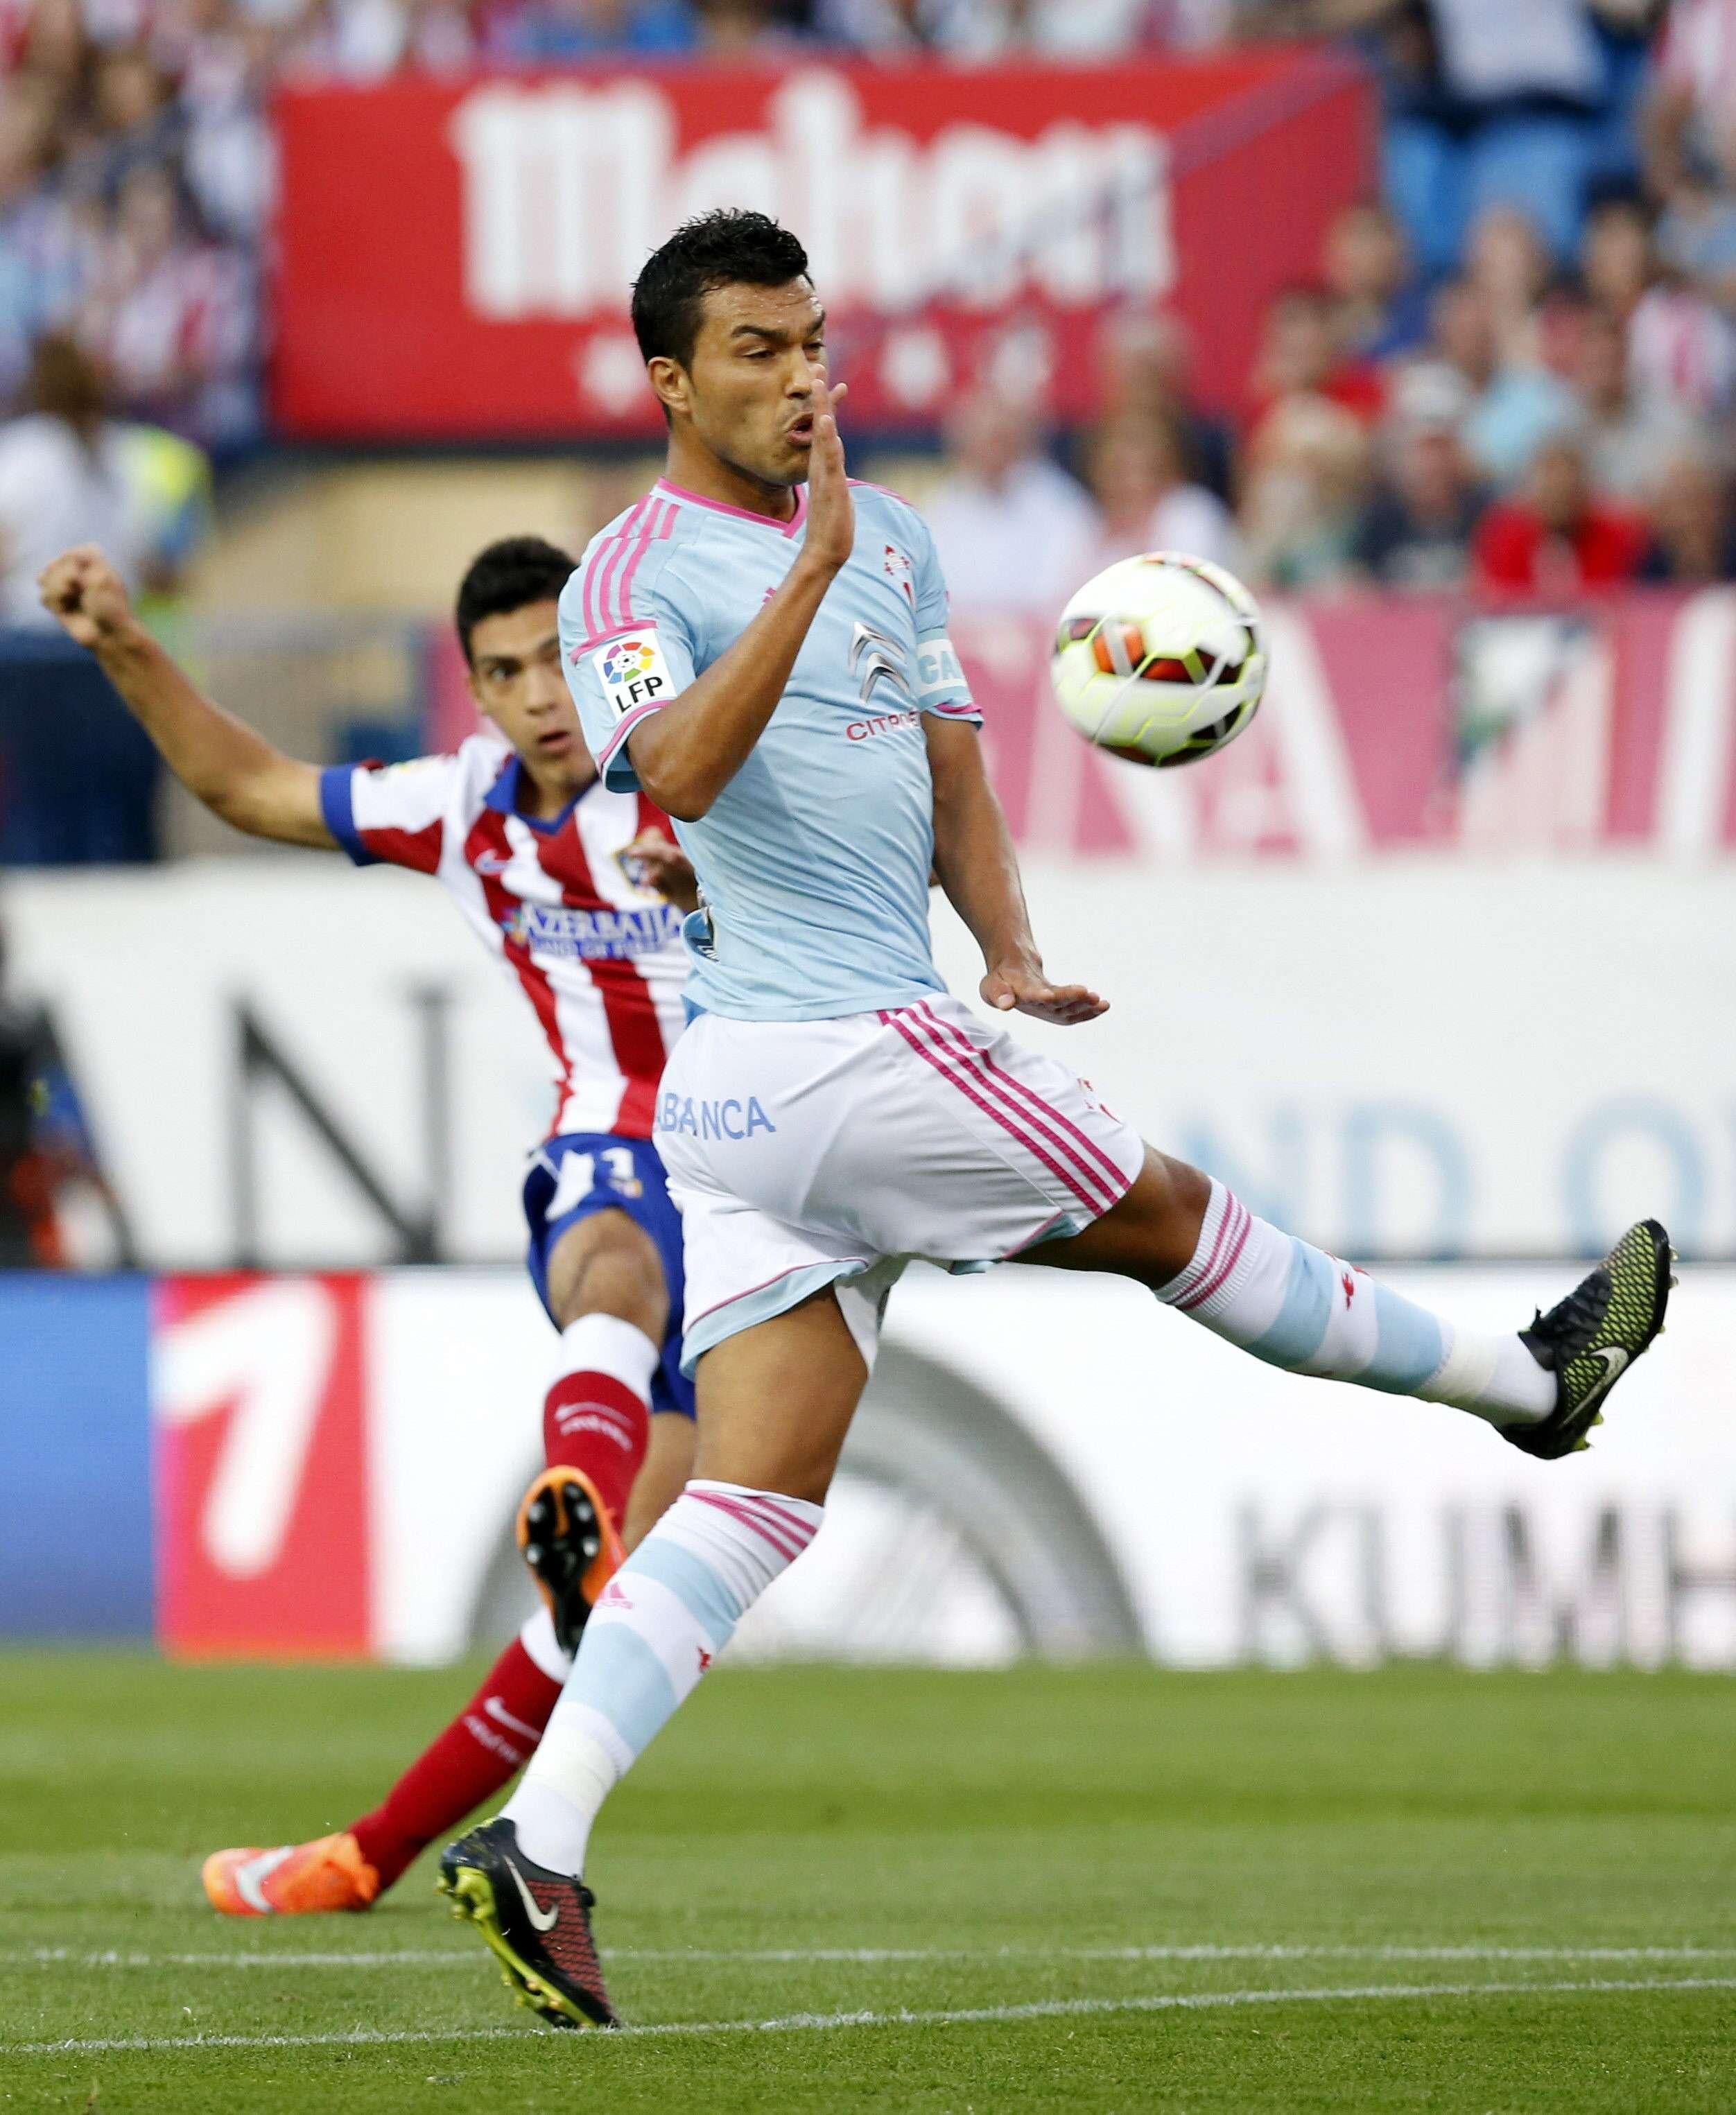 El delantero mexicano, en uno de sus disparos a la portería de la escuadra gallega. Foto: EFE